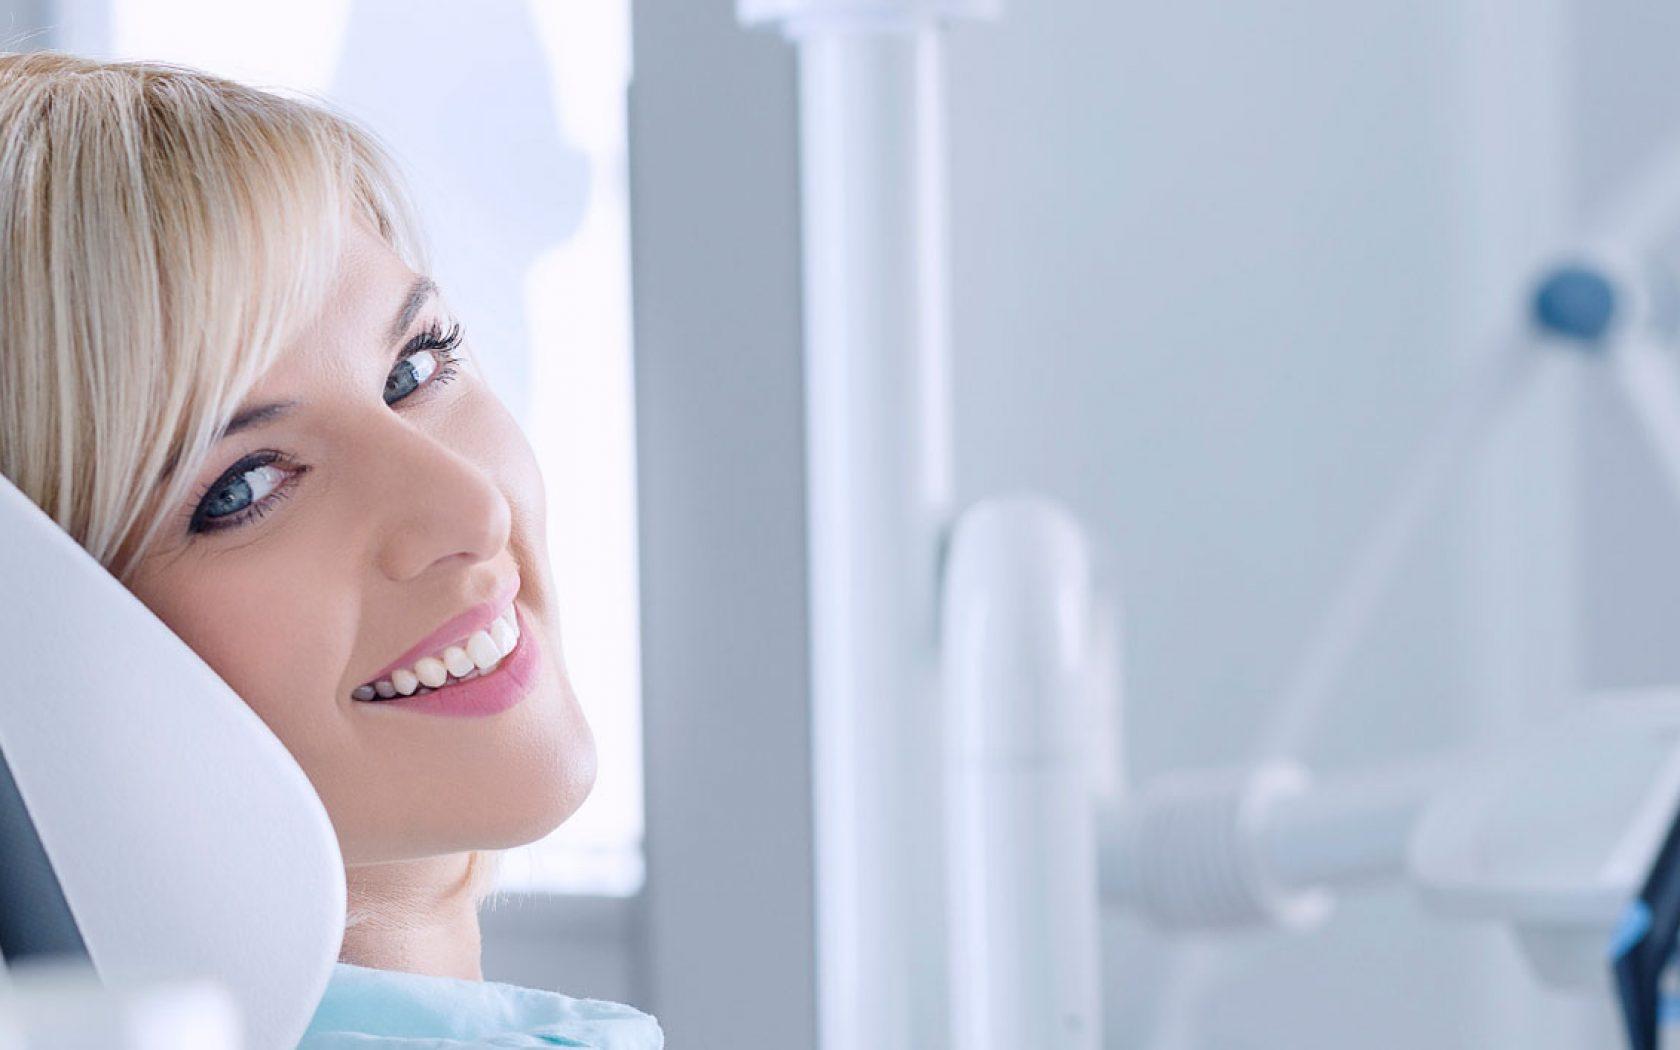 Μικρά θαύματα στην οδοντιατρική